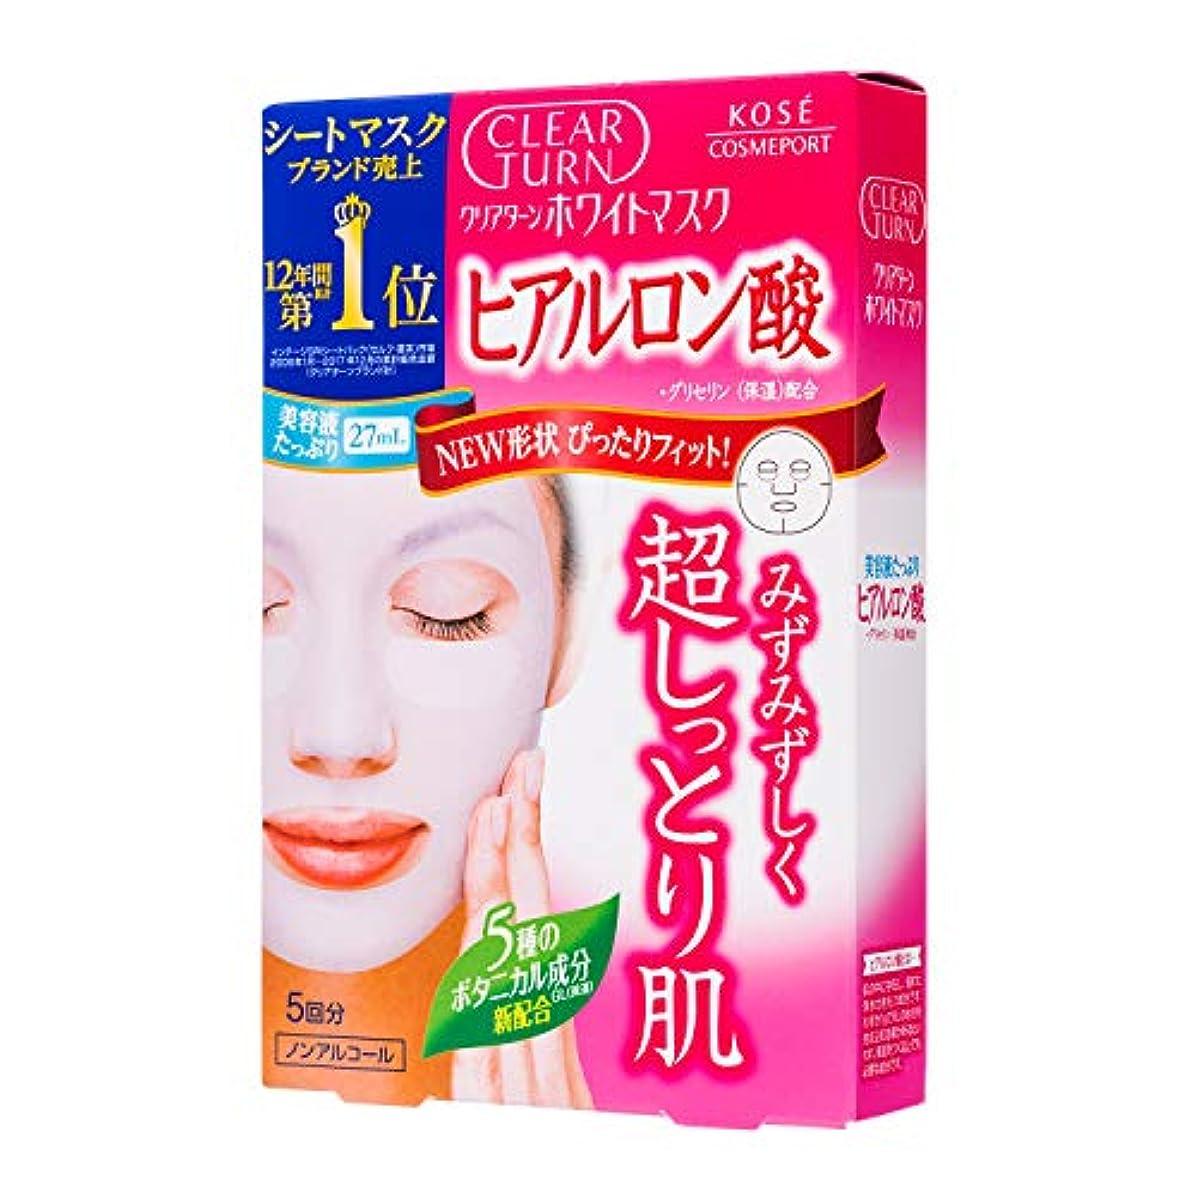 コードレス柔和カリングKOSE コーセー クリアターン ホワイト マスク HA (ヒアルロン酸) 5回分 (22mL×5)